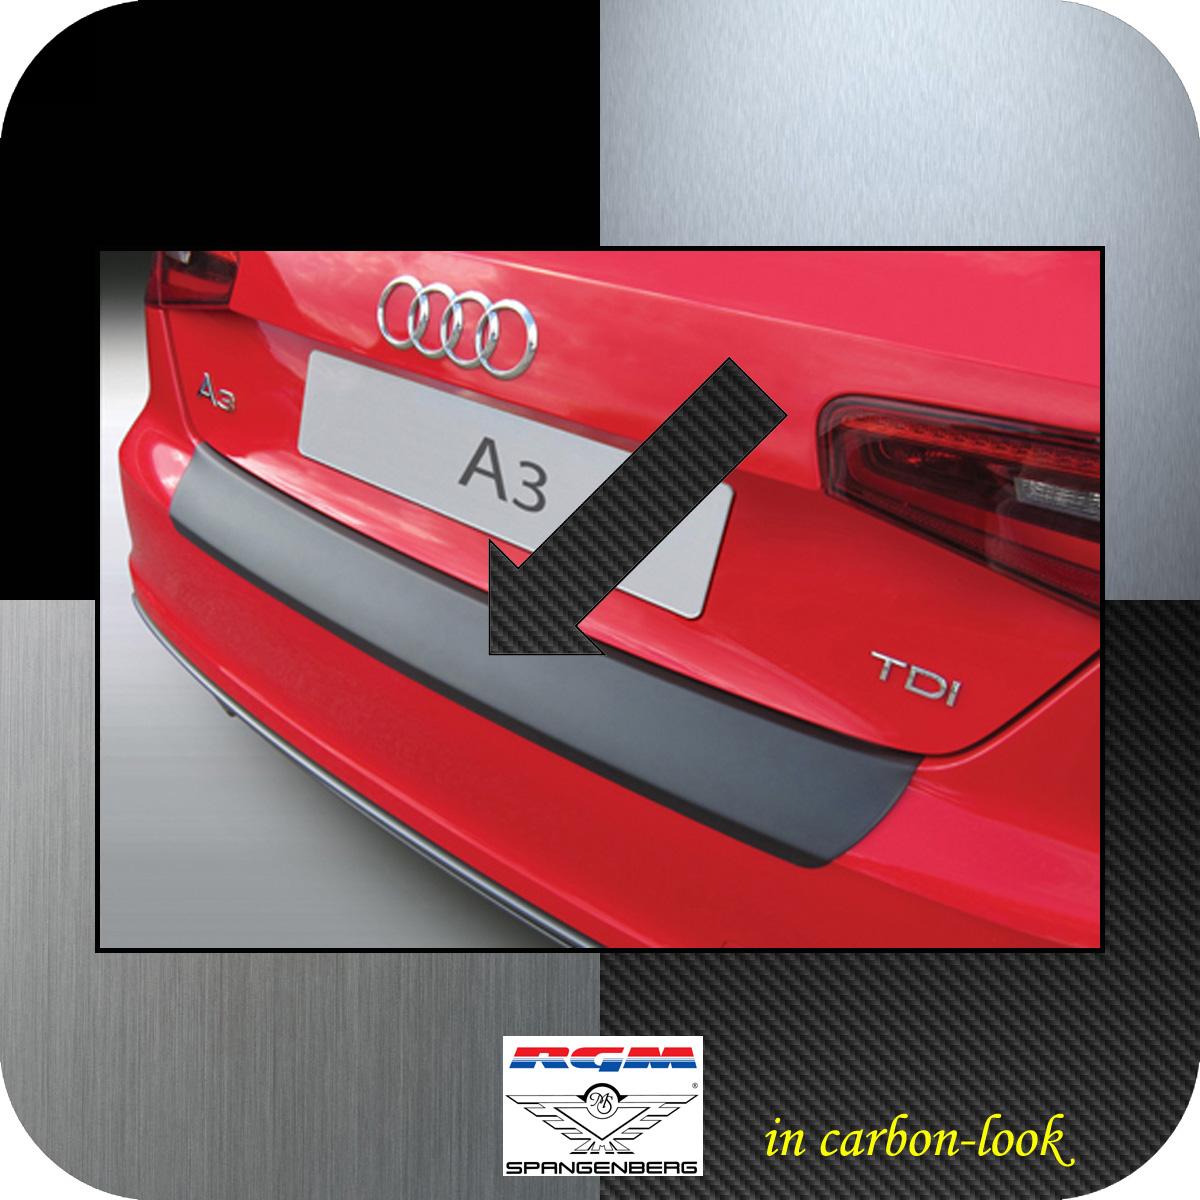 Ladekantenschutz Carbon-Look Audi A3 auch S3 Schrägheck 3-Türer 2012-17 3509899